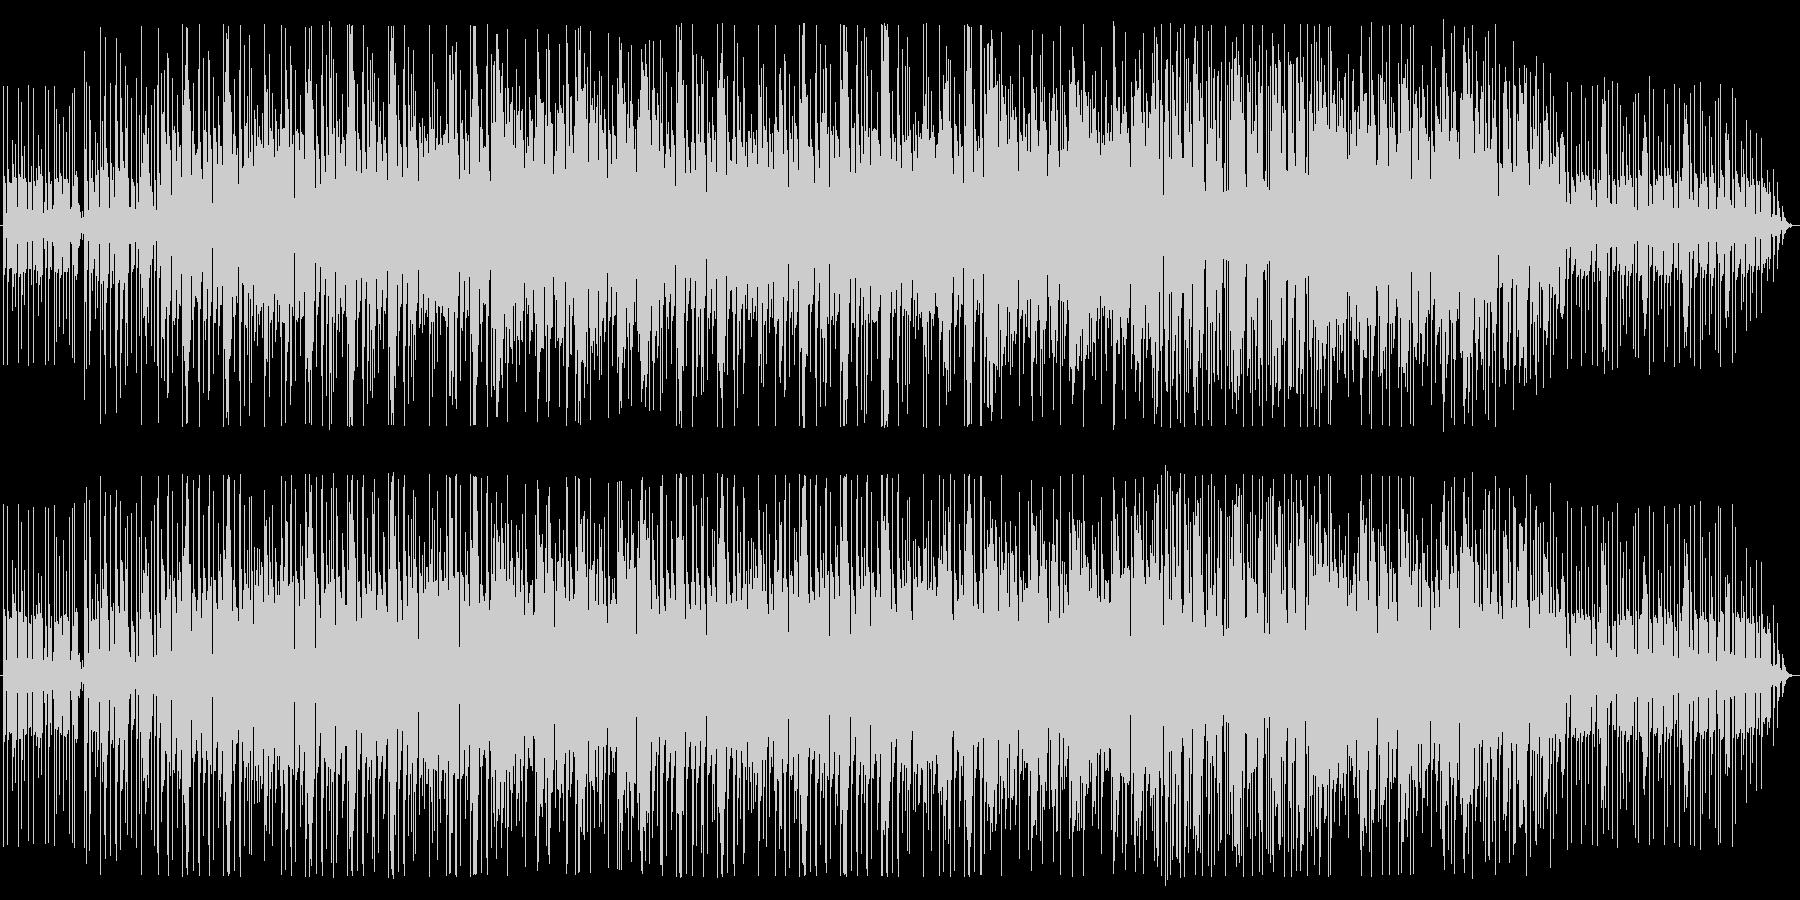 エレキギターの陽気なアフリカンビートの未再生の波形